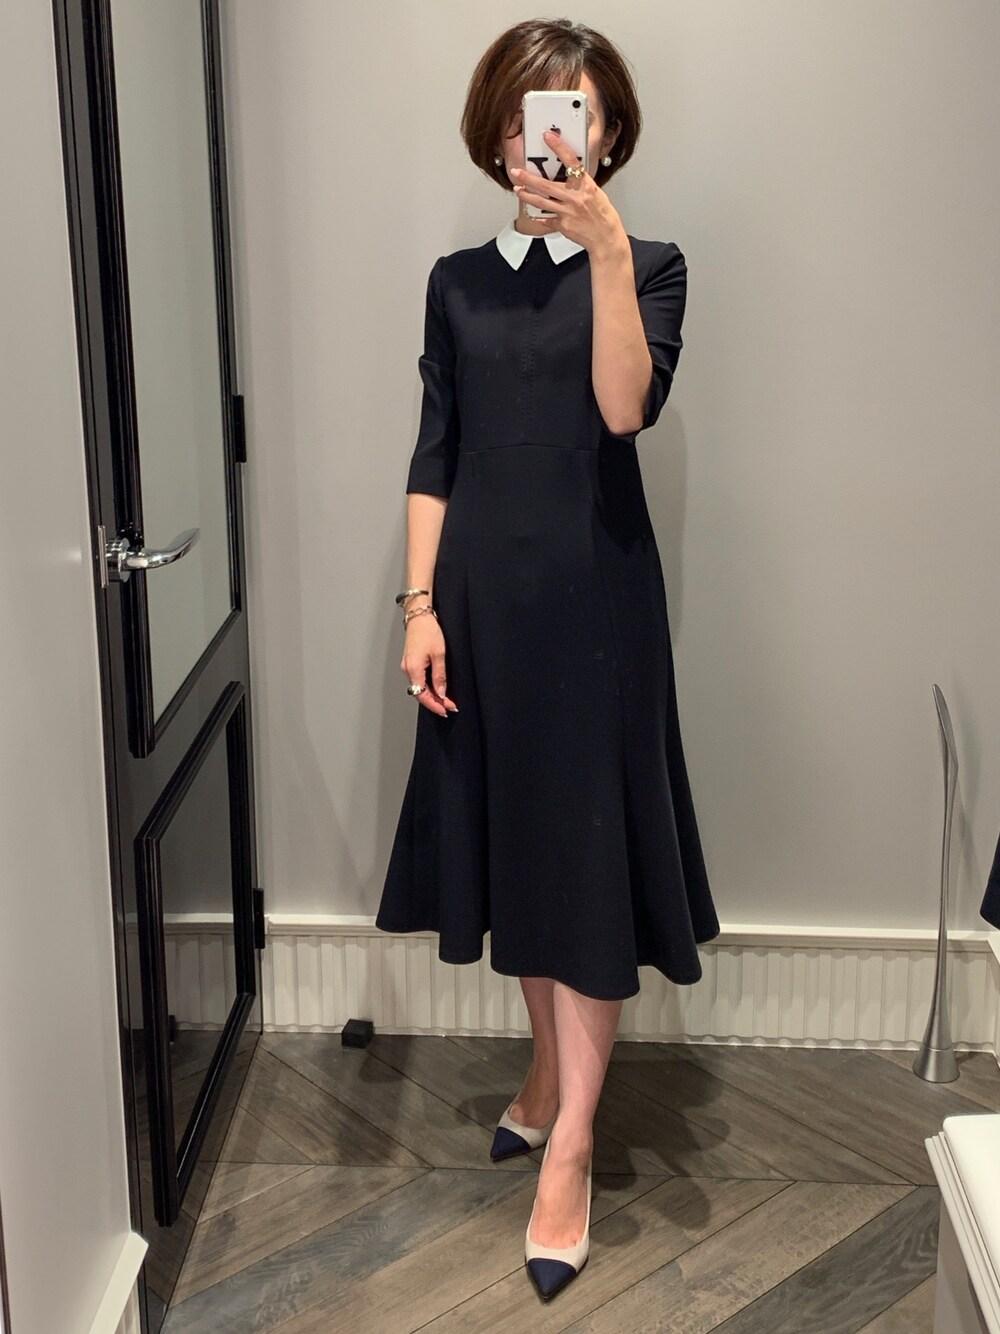 セルフォード ファッション ママ 受験 私立 ネイビー 送迎